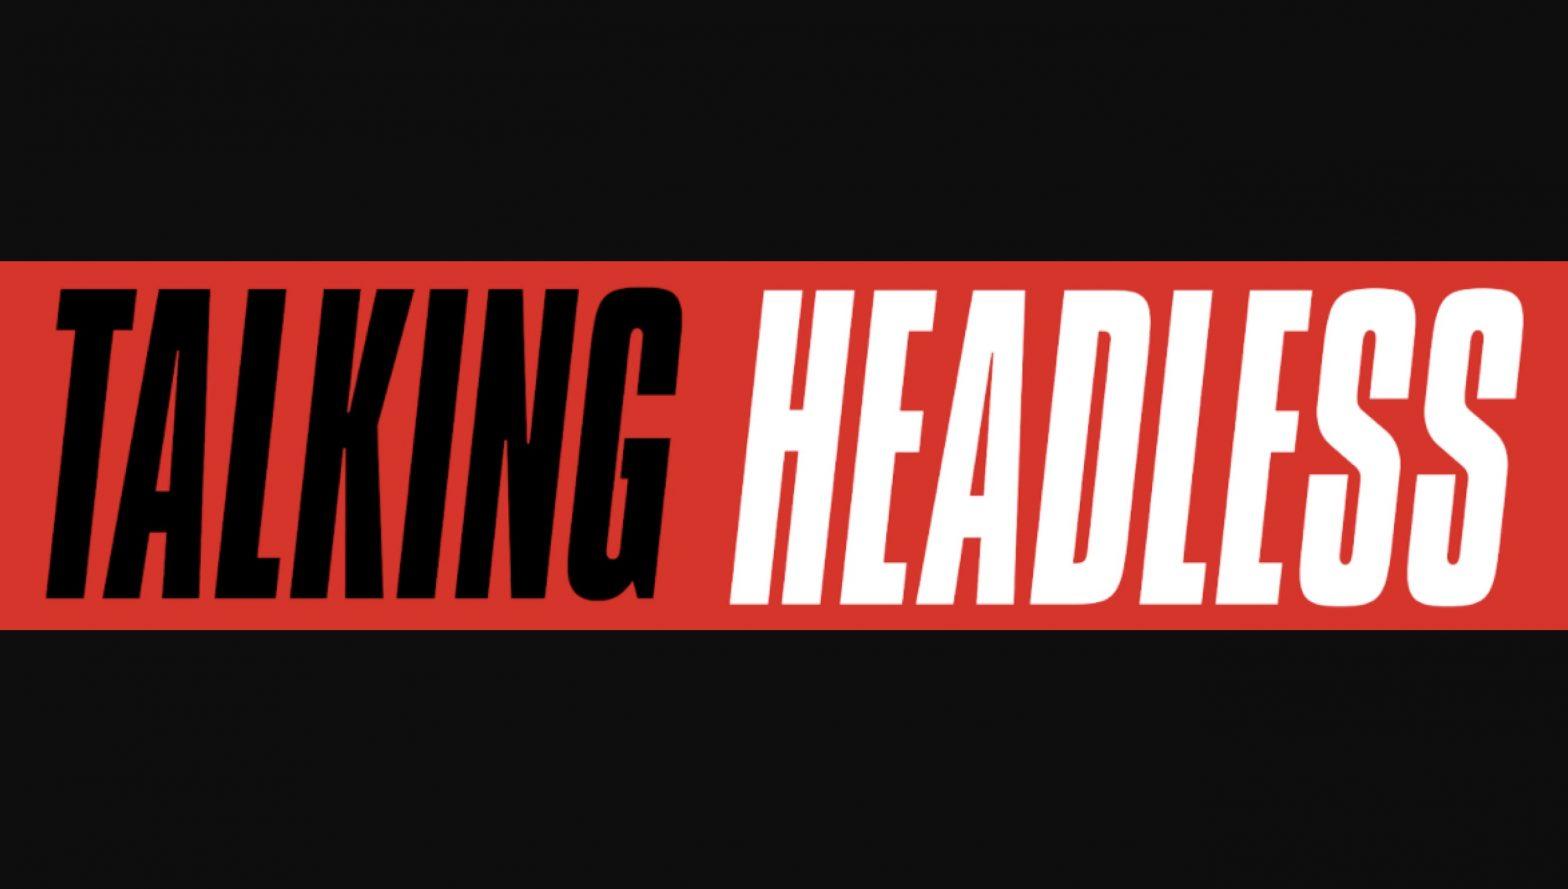 Talking Headless